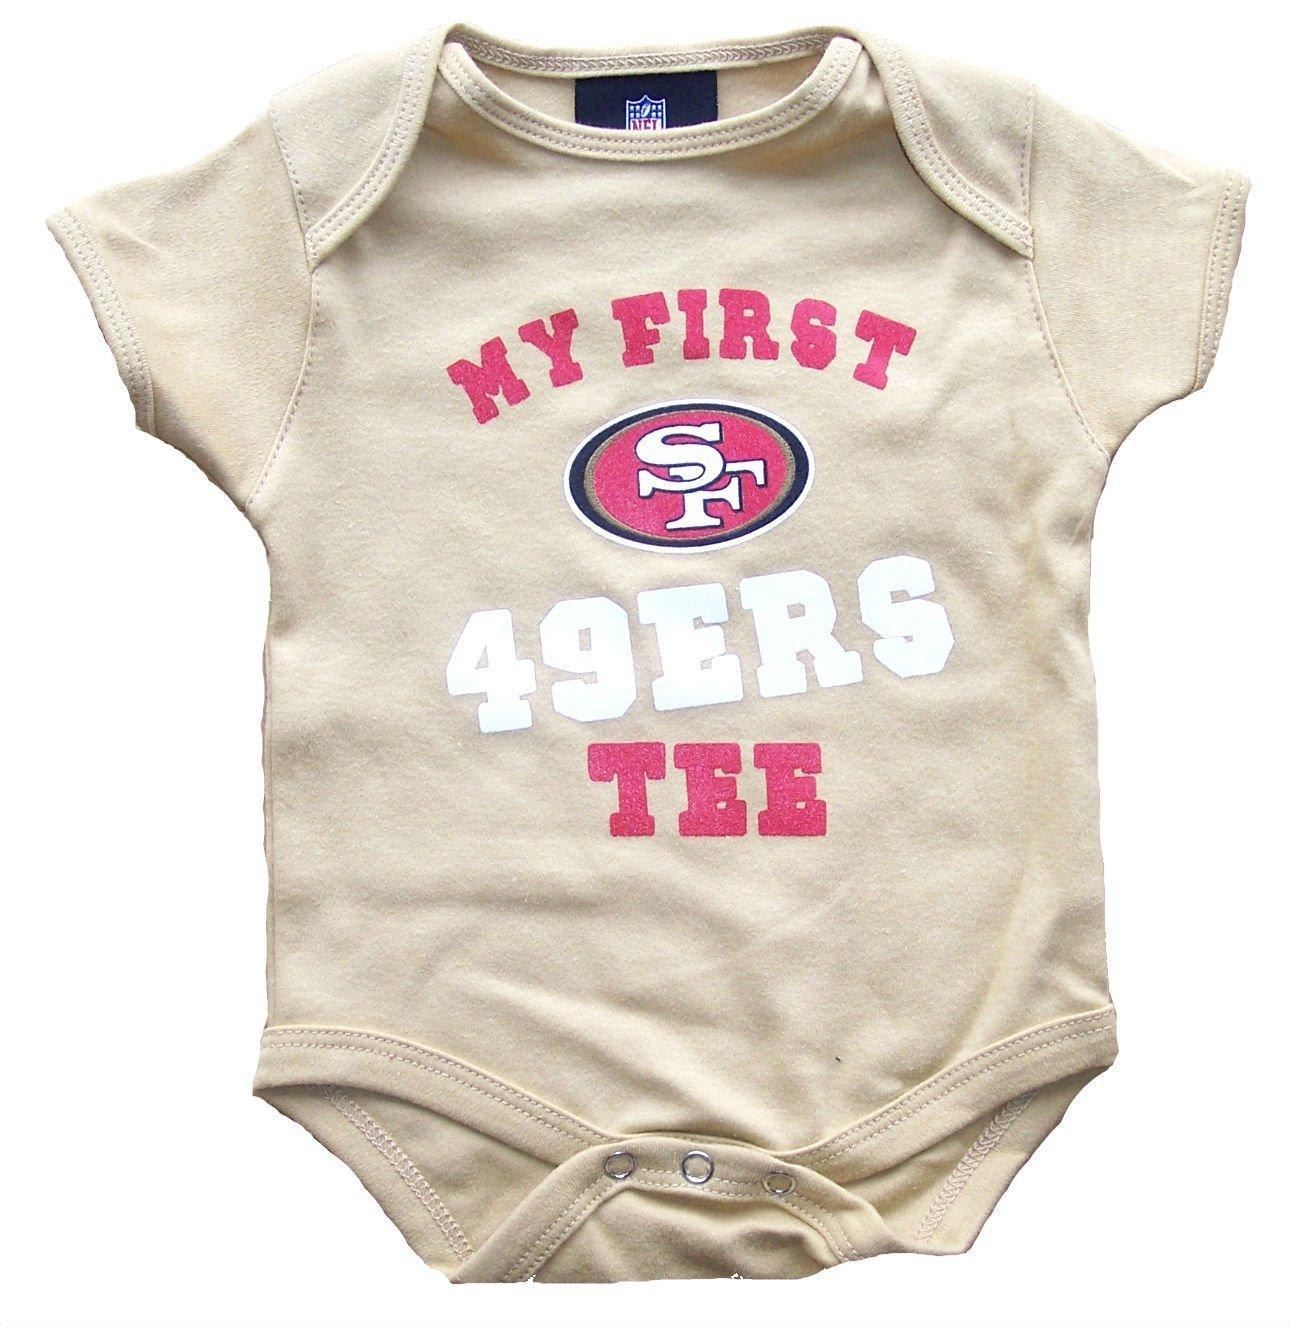 【公式ショップ】 San My Francisco 49ersゴールドInfant Onesieサイズ3 – 6ヶ月ボディースーツクリーパー – – My First 49ersゴールドInfant Tee B072YG9LS8, 水戸元祖 天狗納豆:cb25322b --- a0267596.xsph.ru